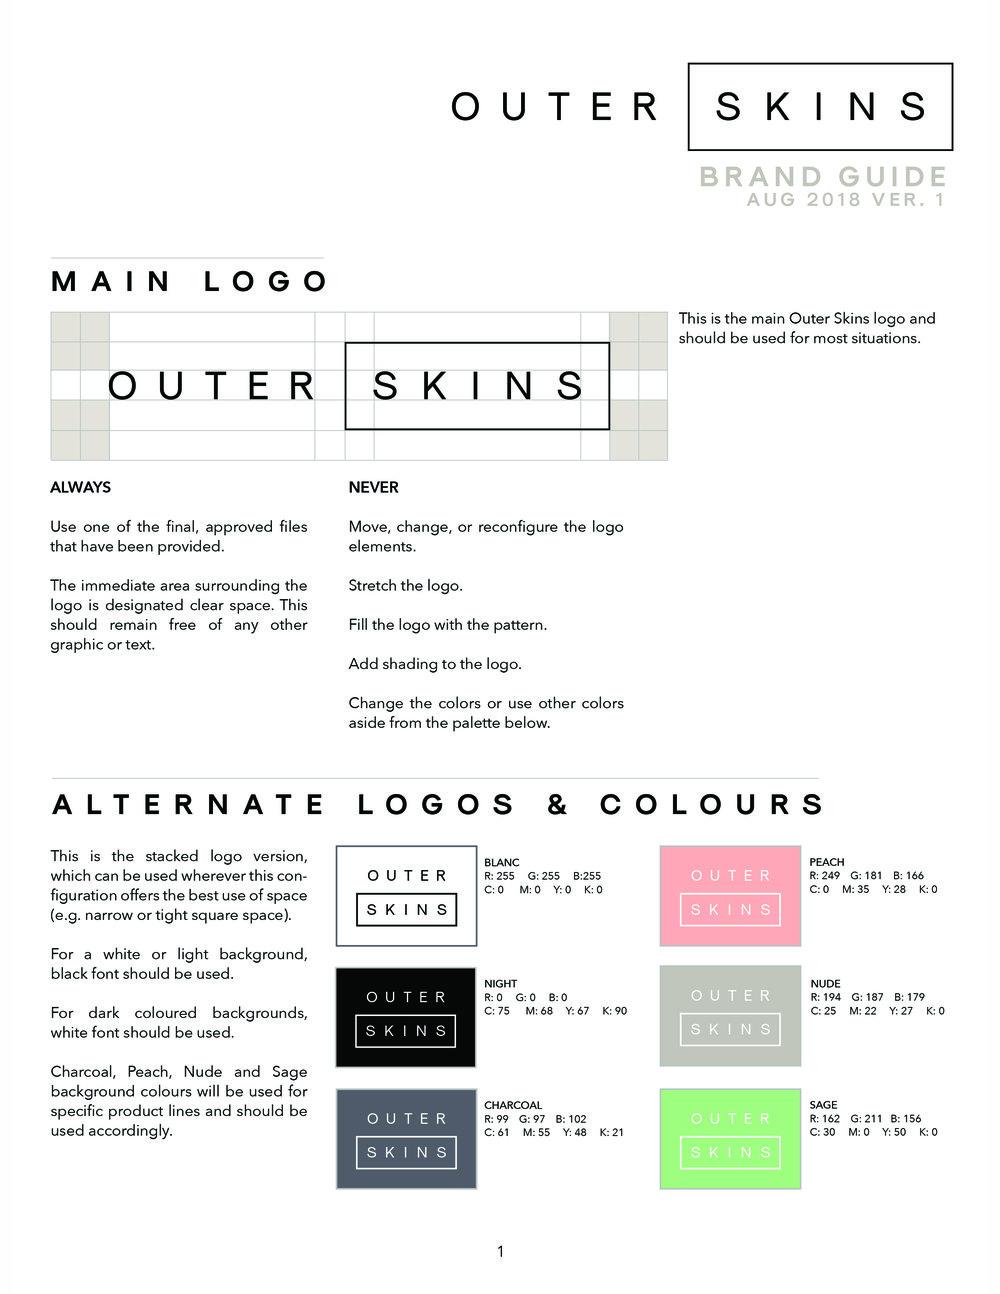 OS Brand Guide.jpg